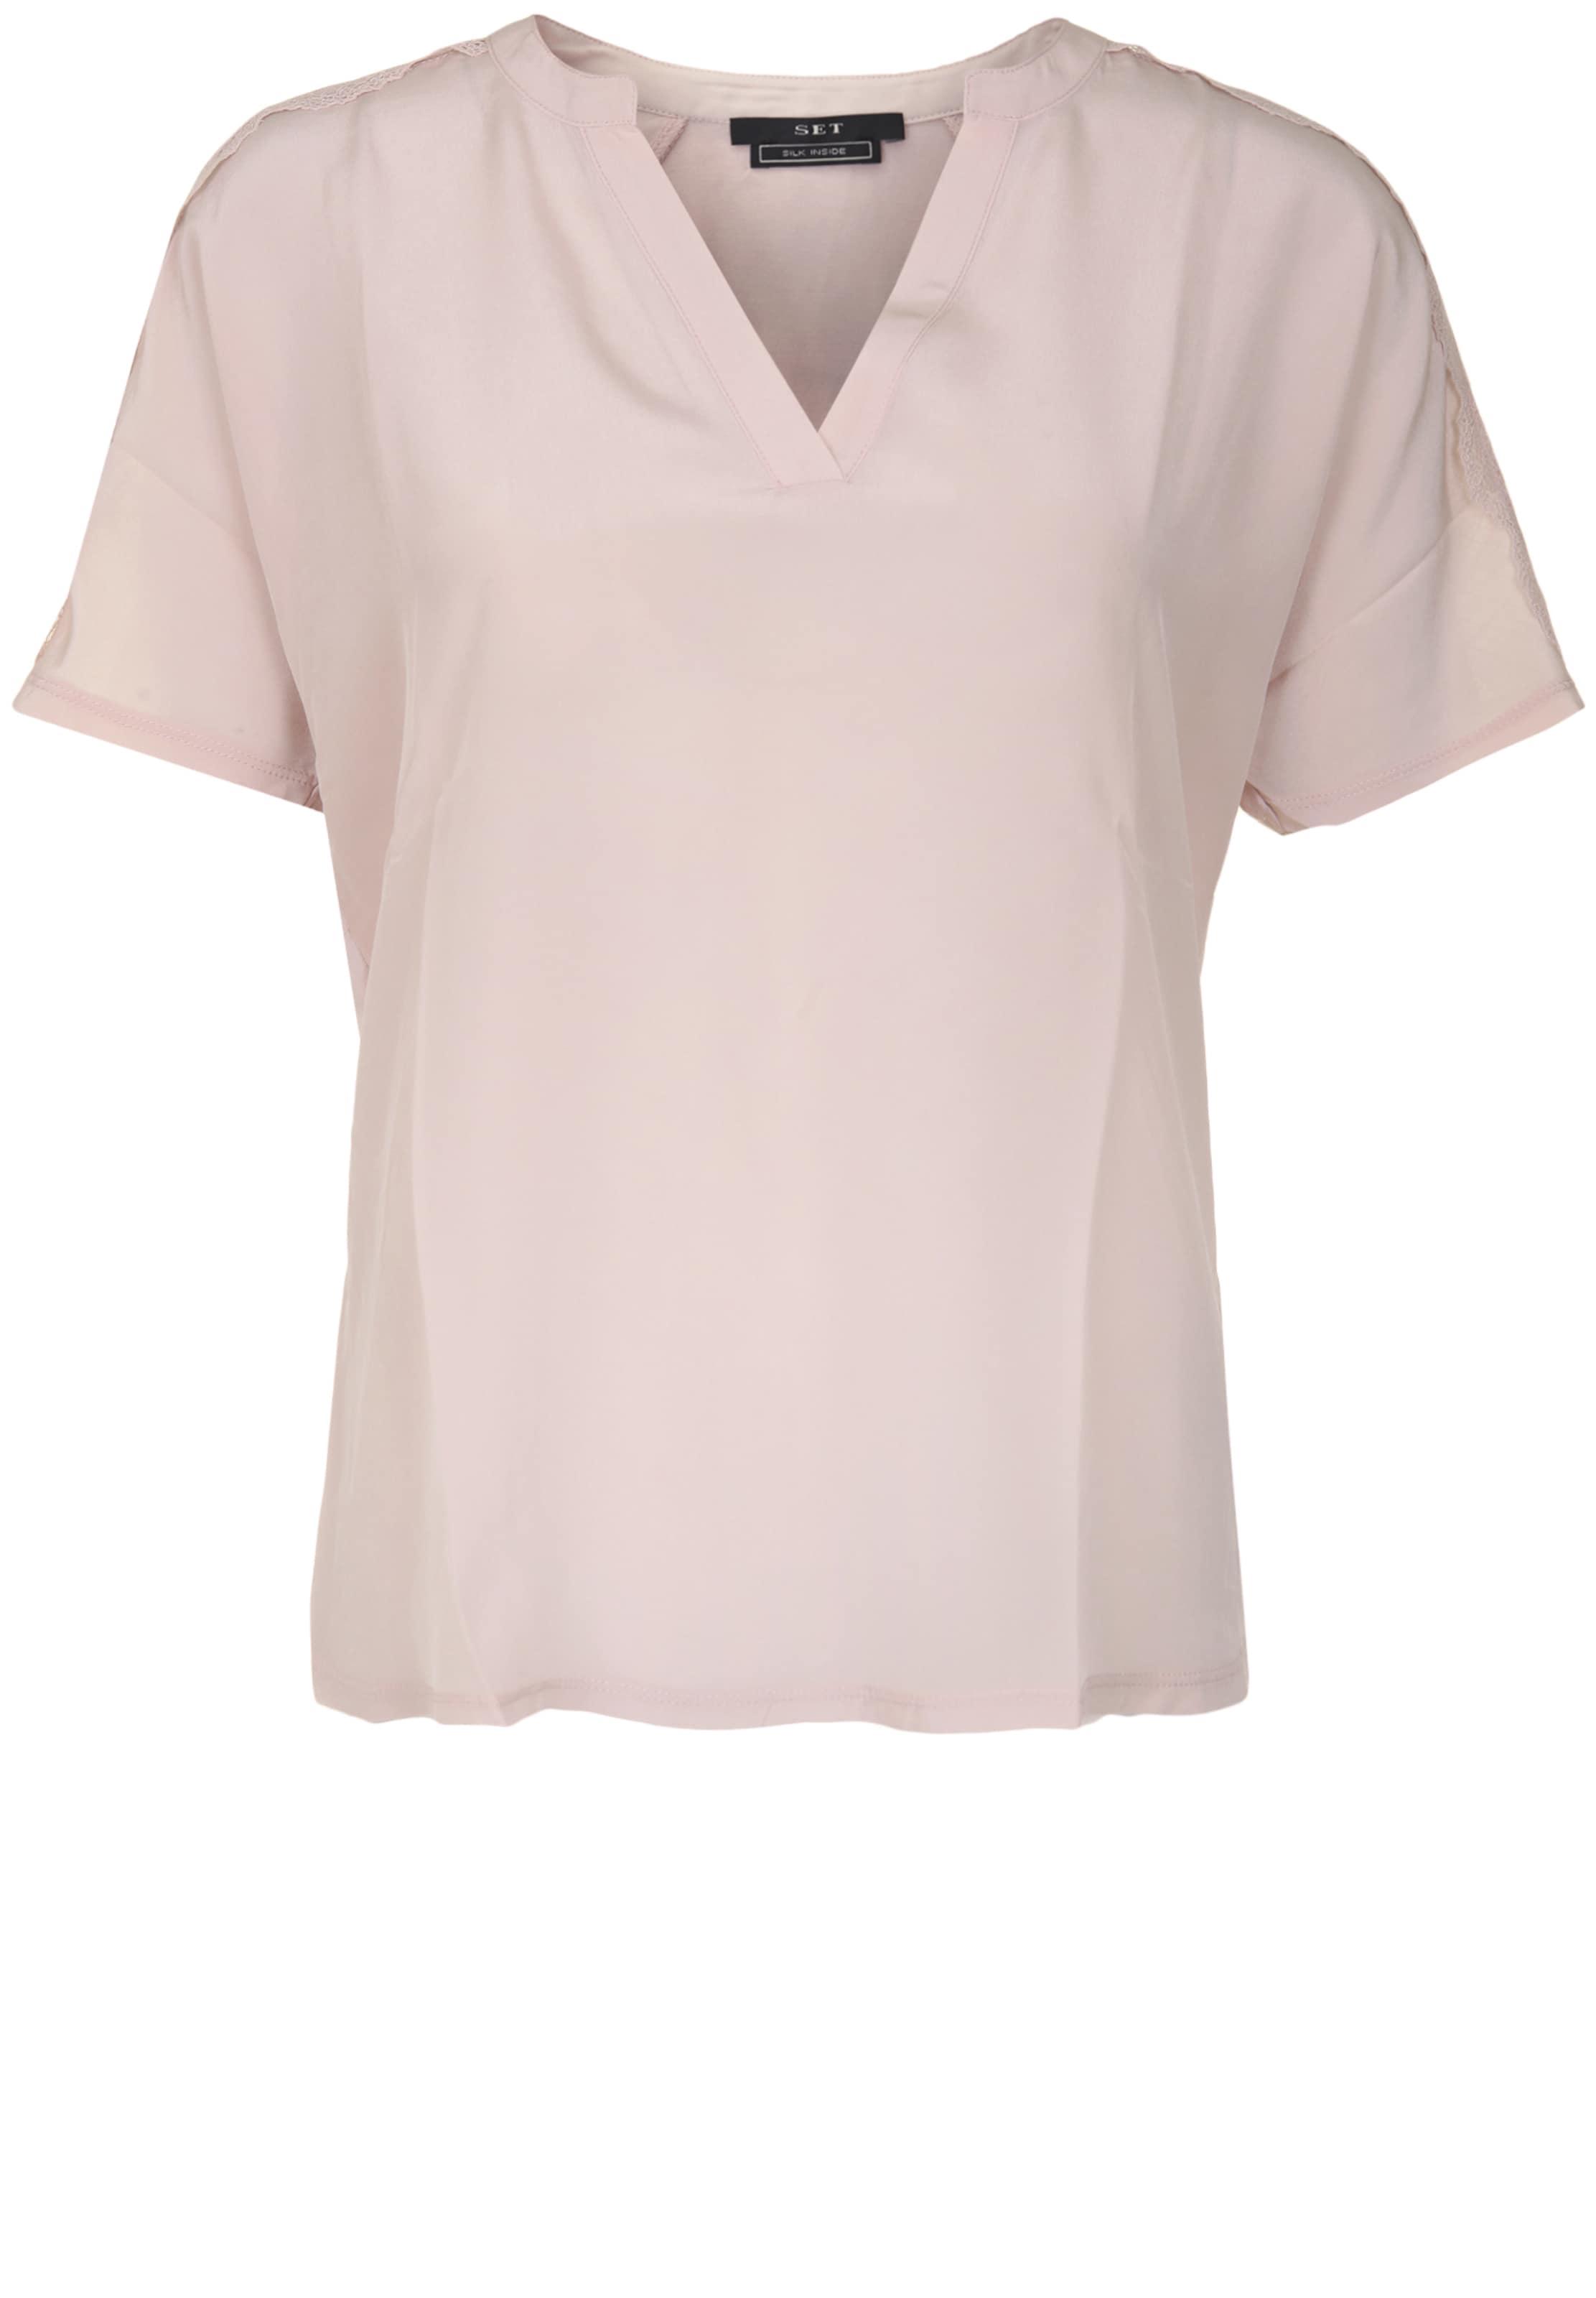 T Mit Puder shirt Set Spitzenverzierungen In dCxBoe